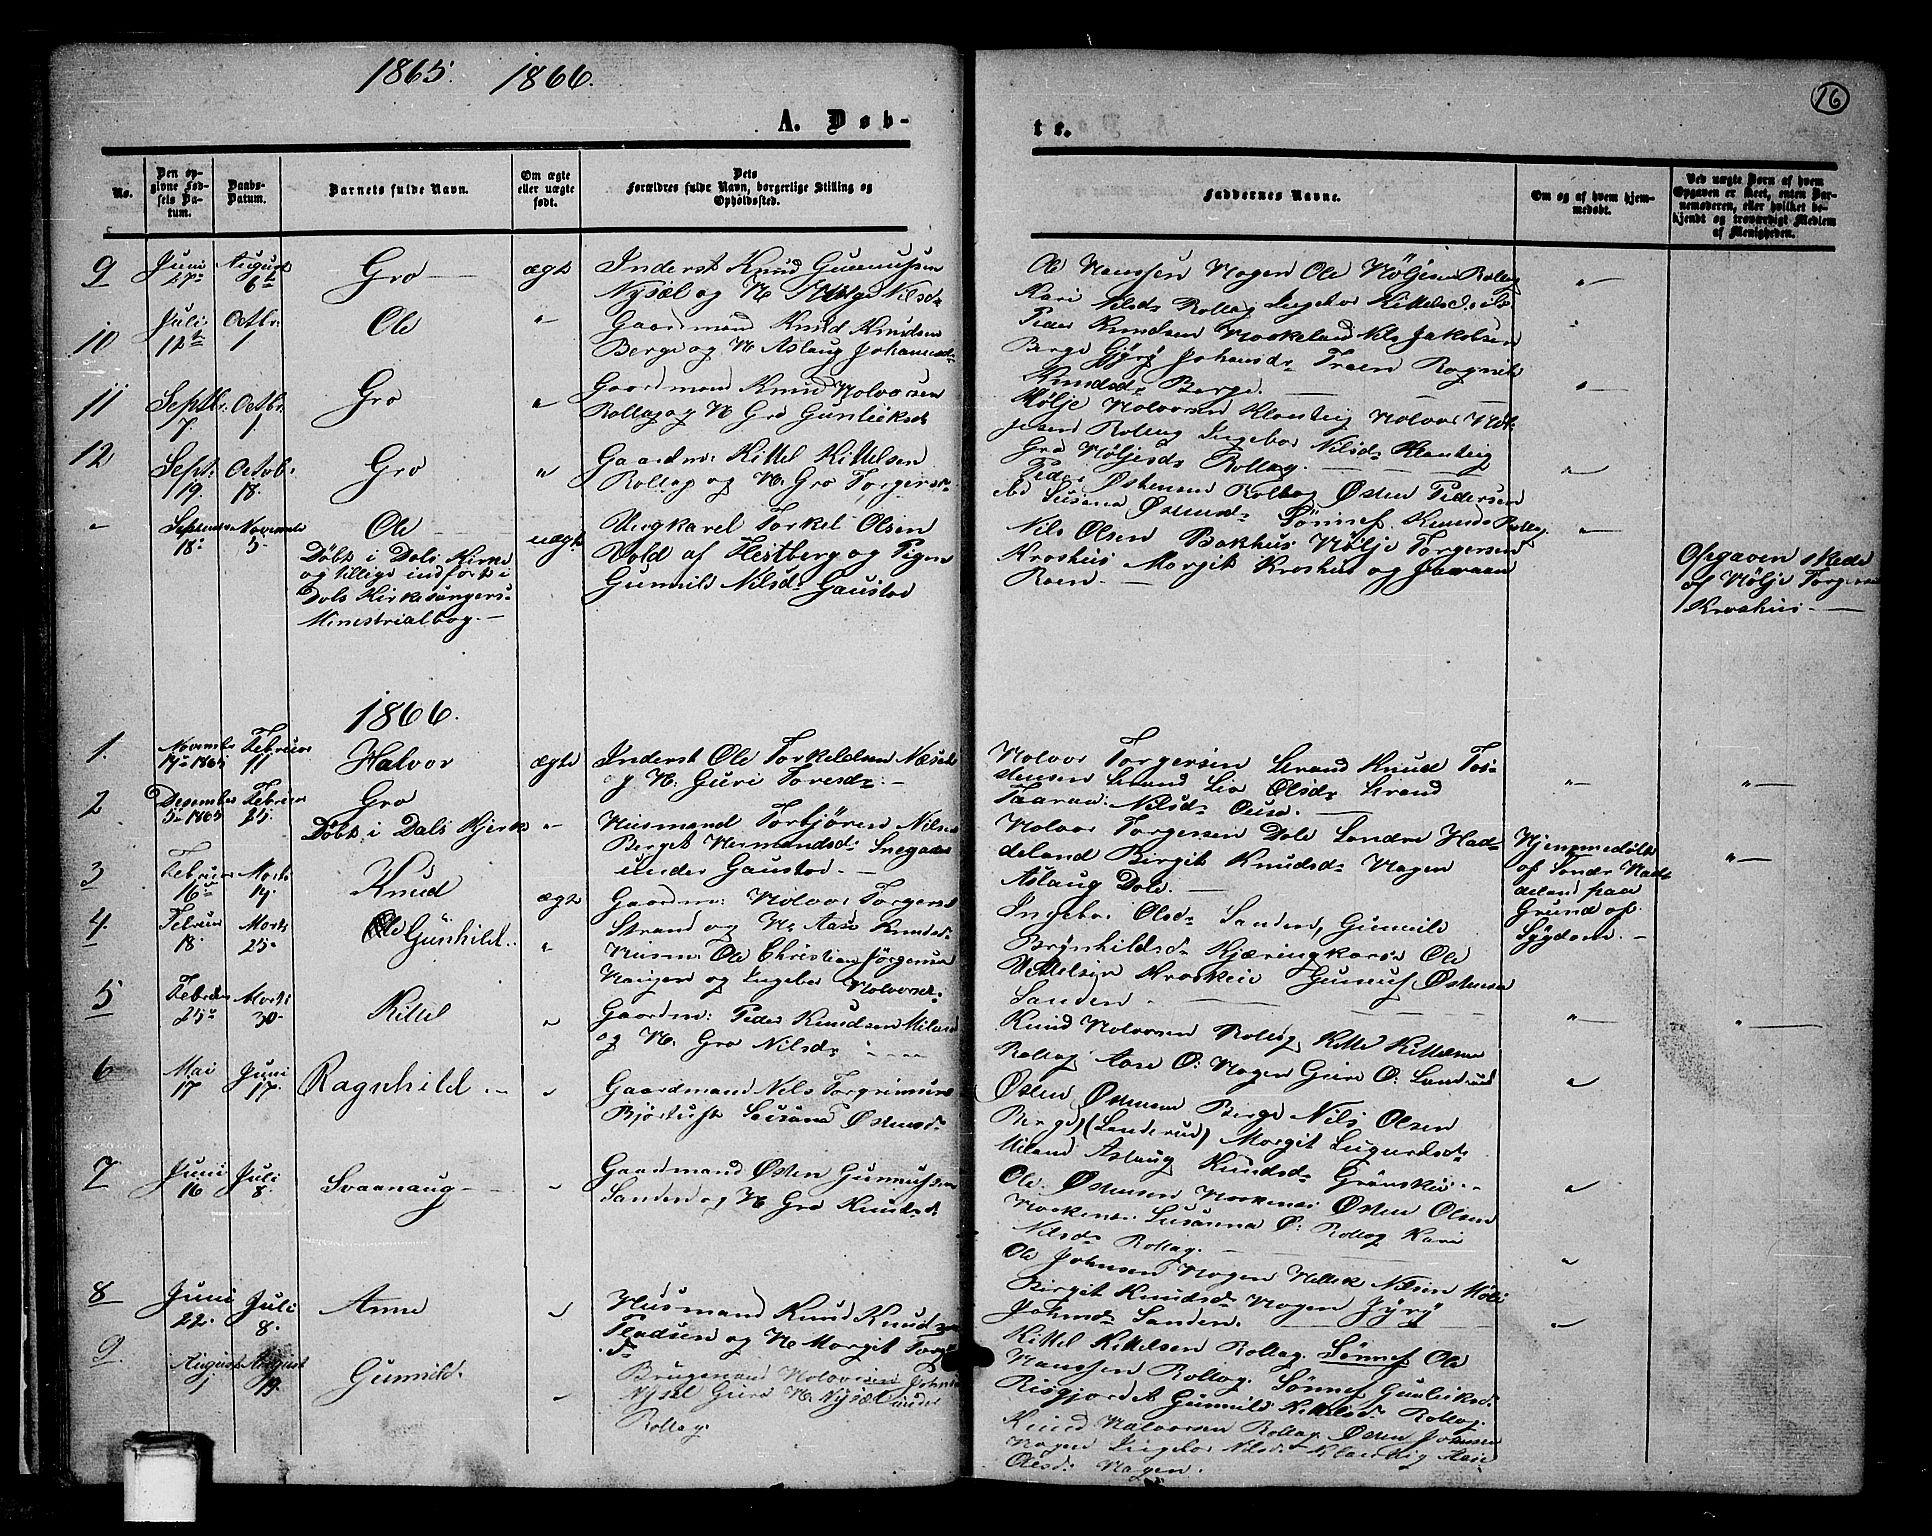 SAKO, Tinn kirkebøker, G/Gb/L0002: Klokkerbok nr. II 2, 1851-1886, s. 16